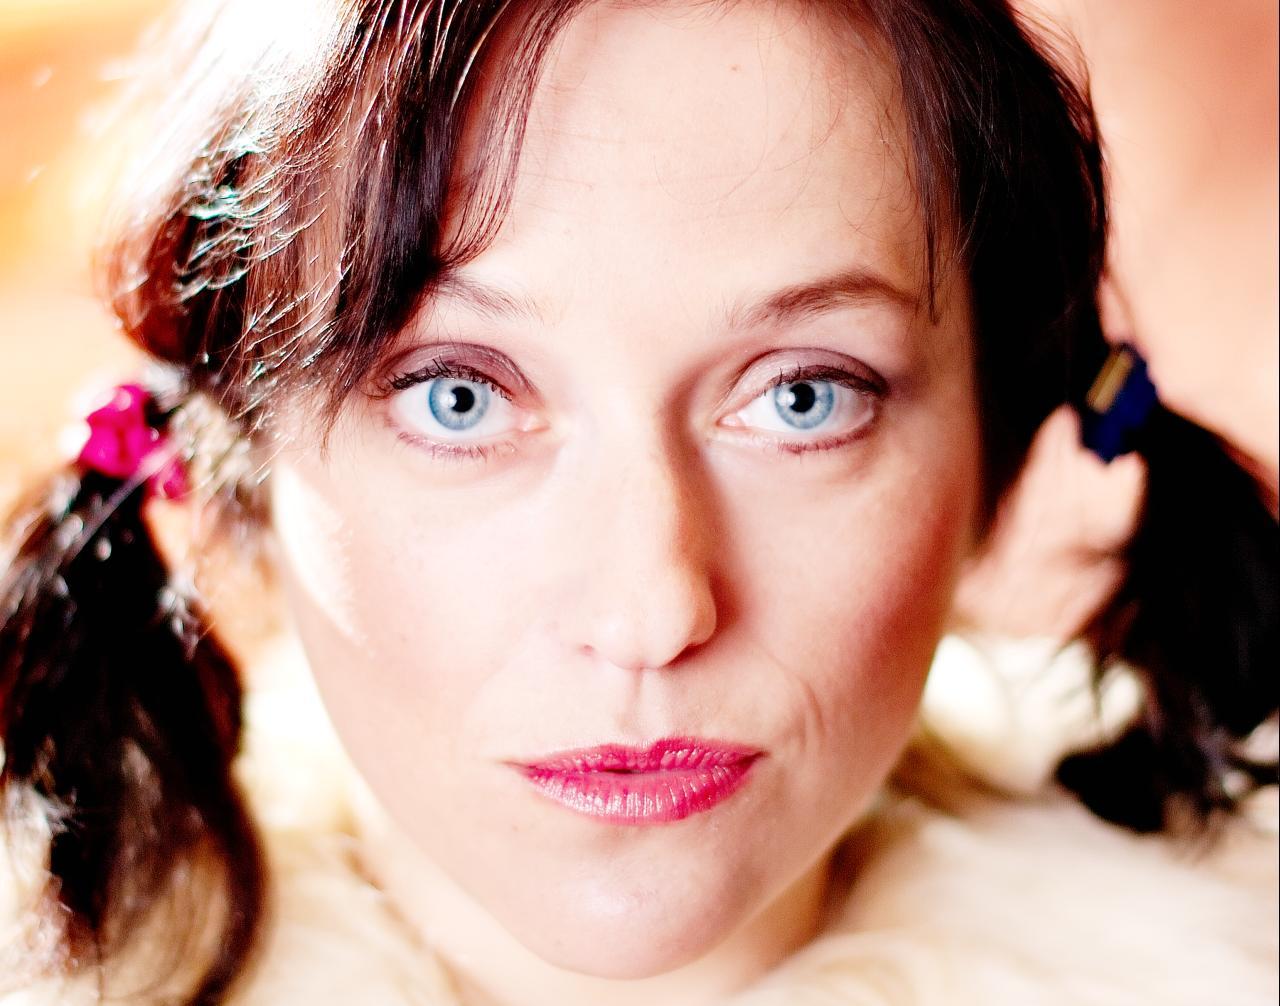 Portrait Bilder 2